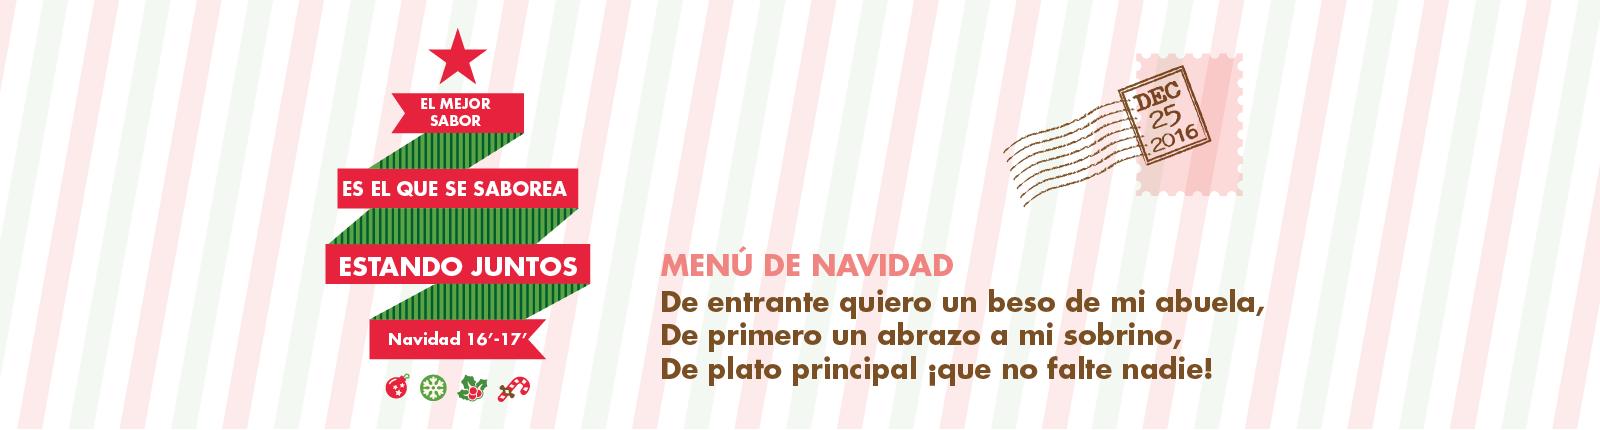 slider-can-navidad-16-17-01